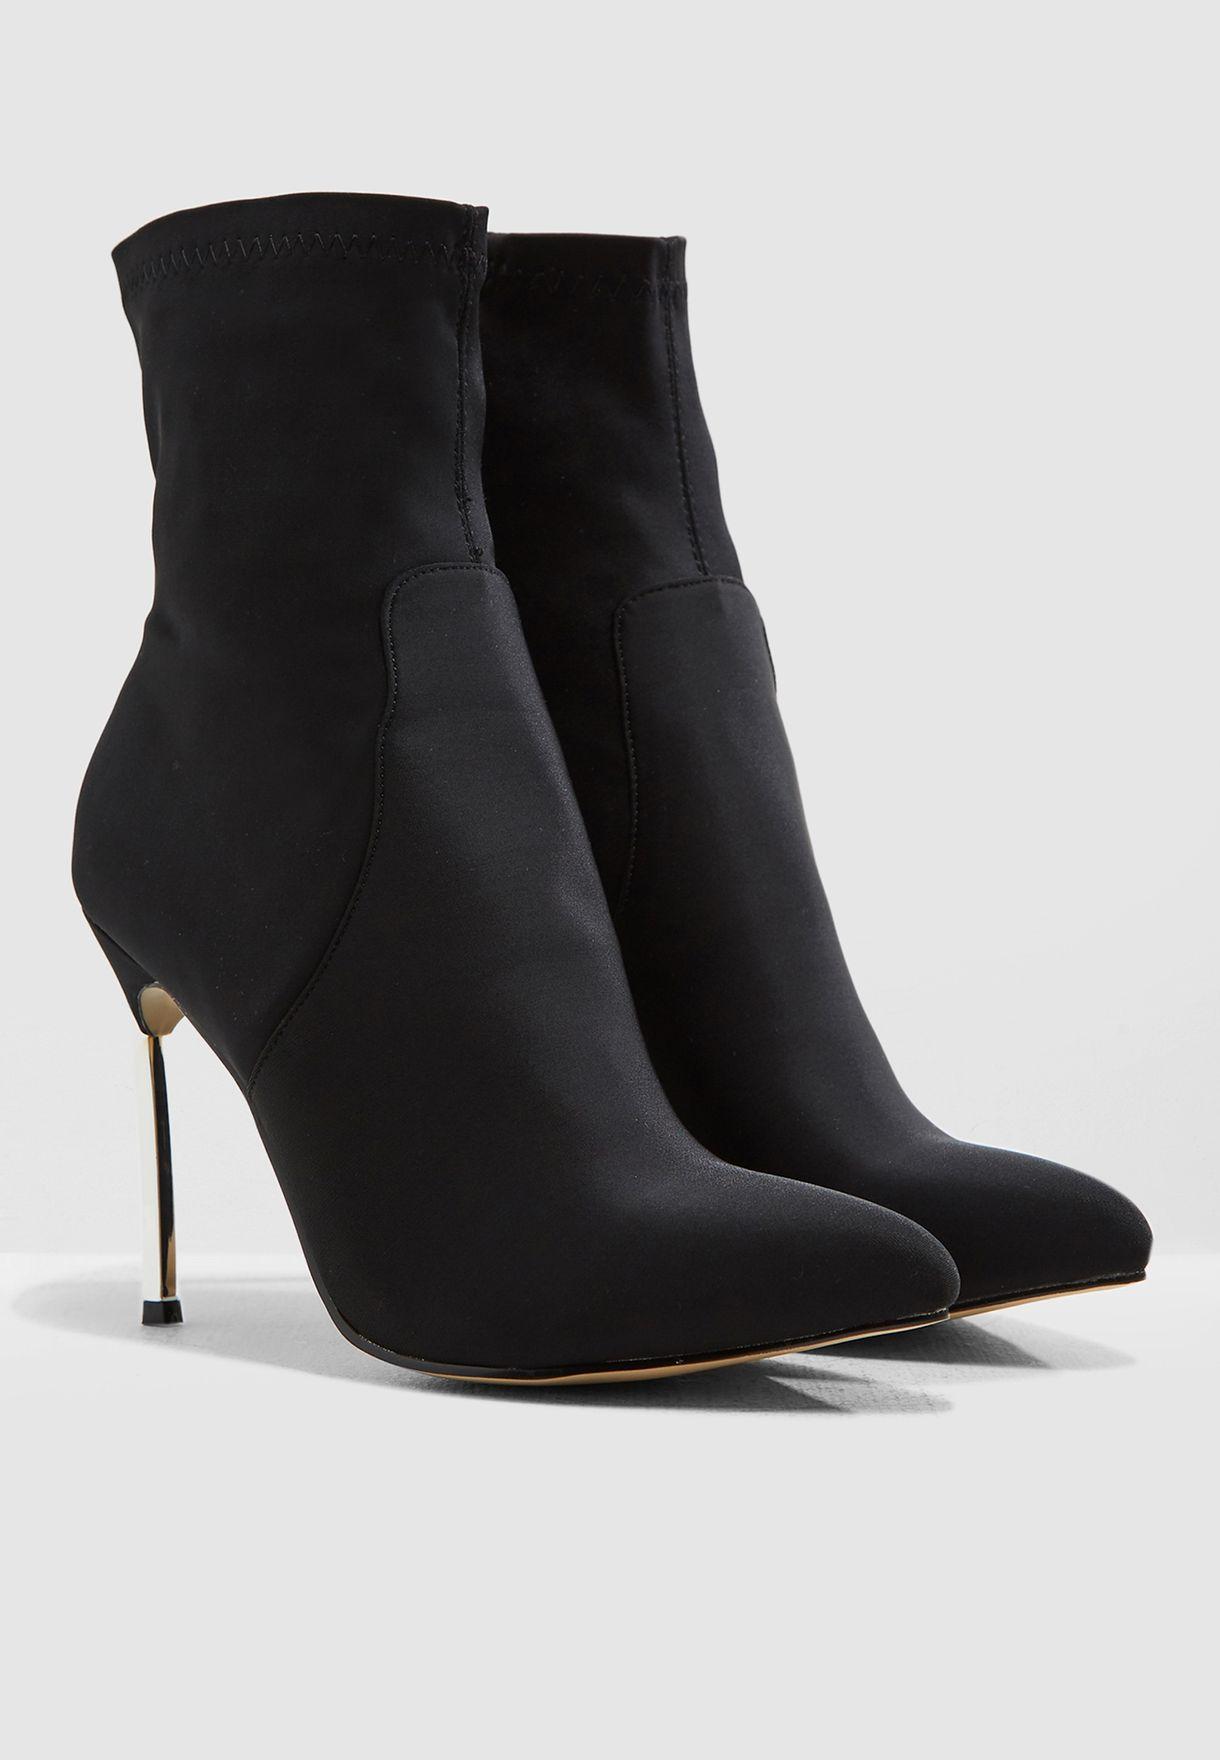 2b8c8a79457 Shop Public Desire black Haze Ankle Boot HAZE for Women in UAE ...